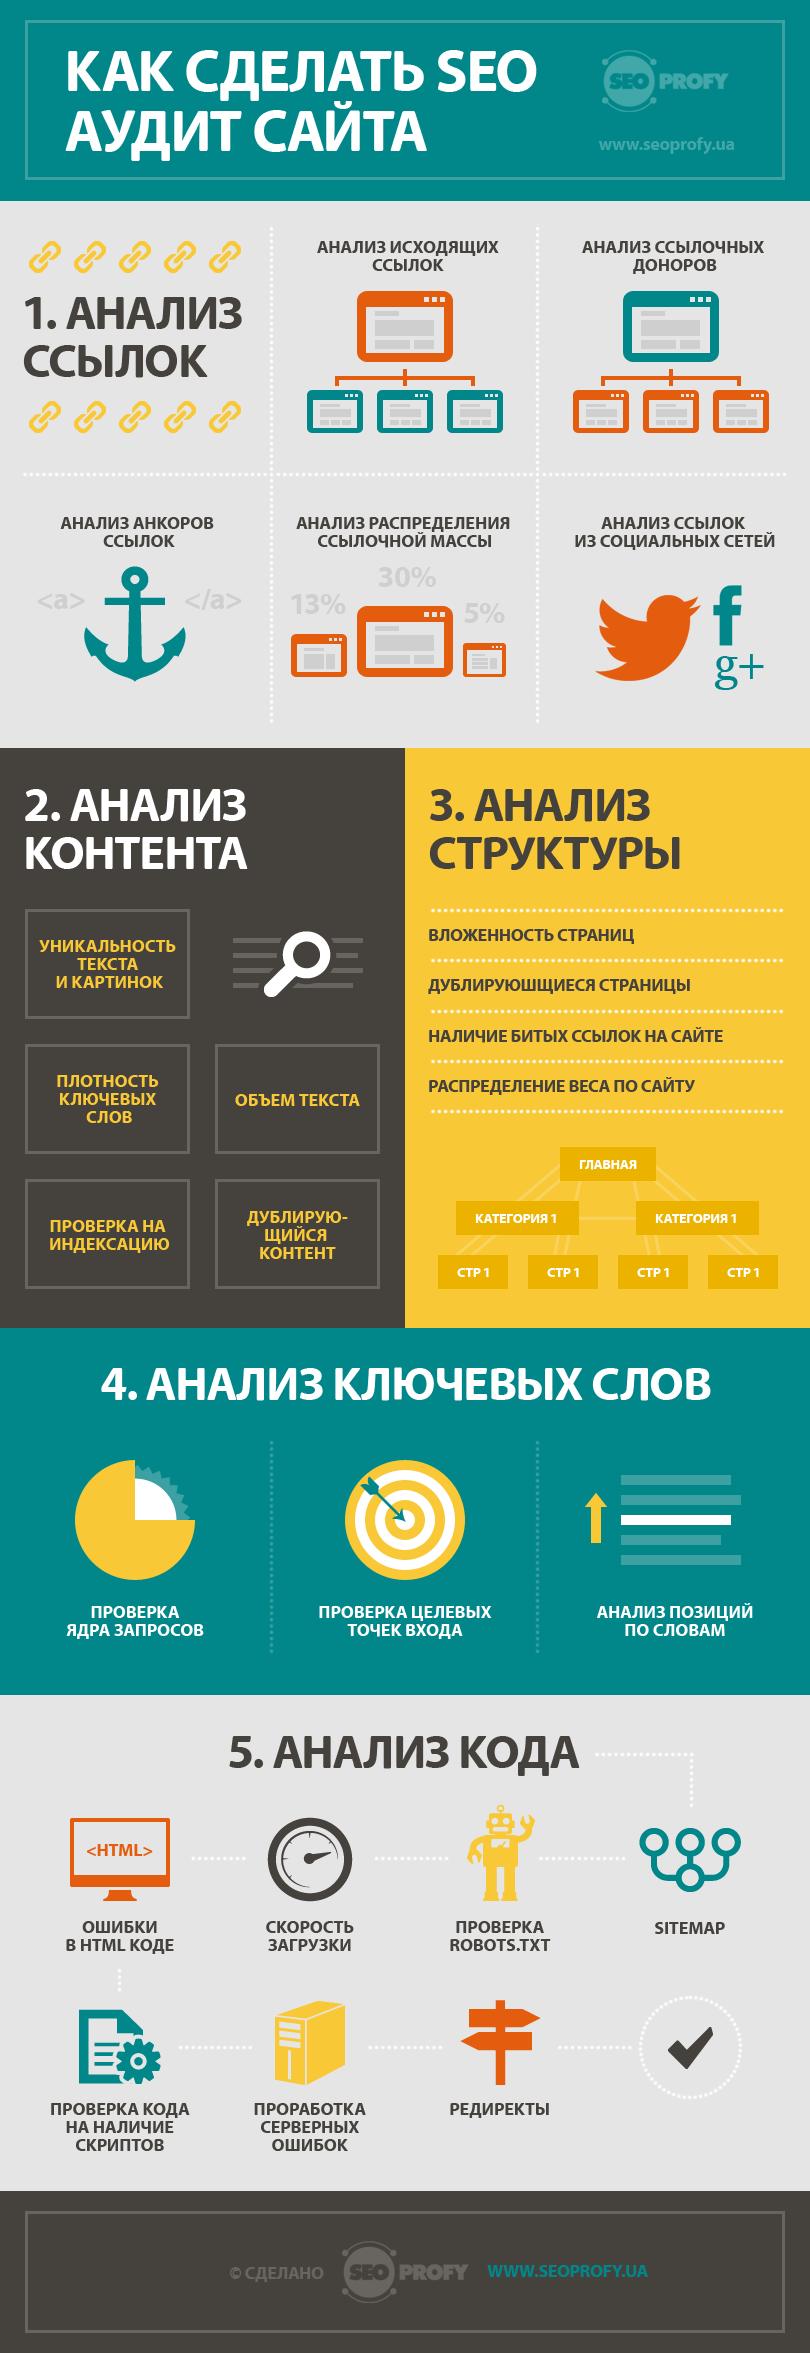 Инфографика: Как сделать SEO аудит сайта